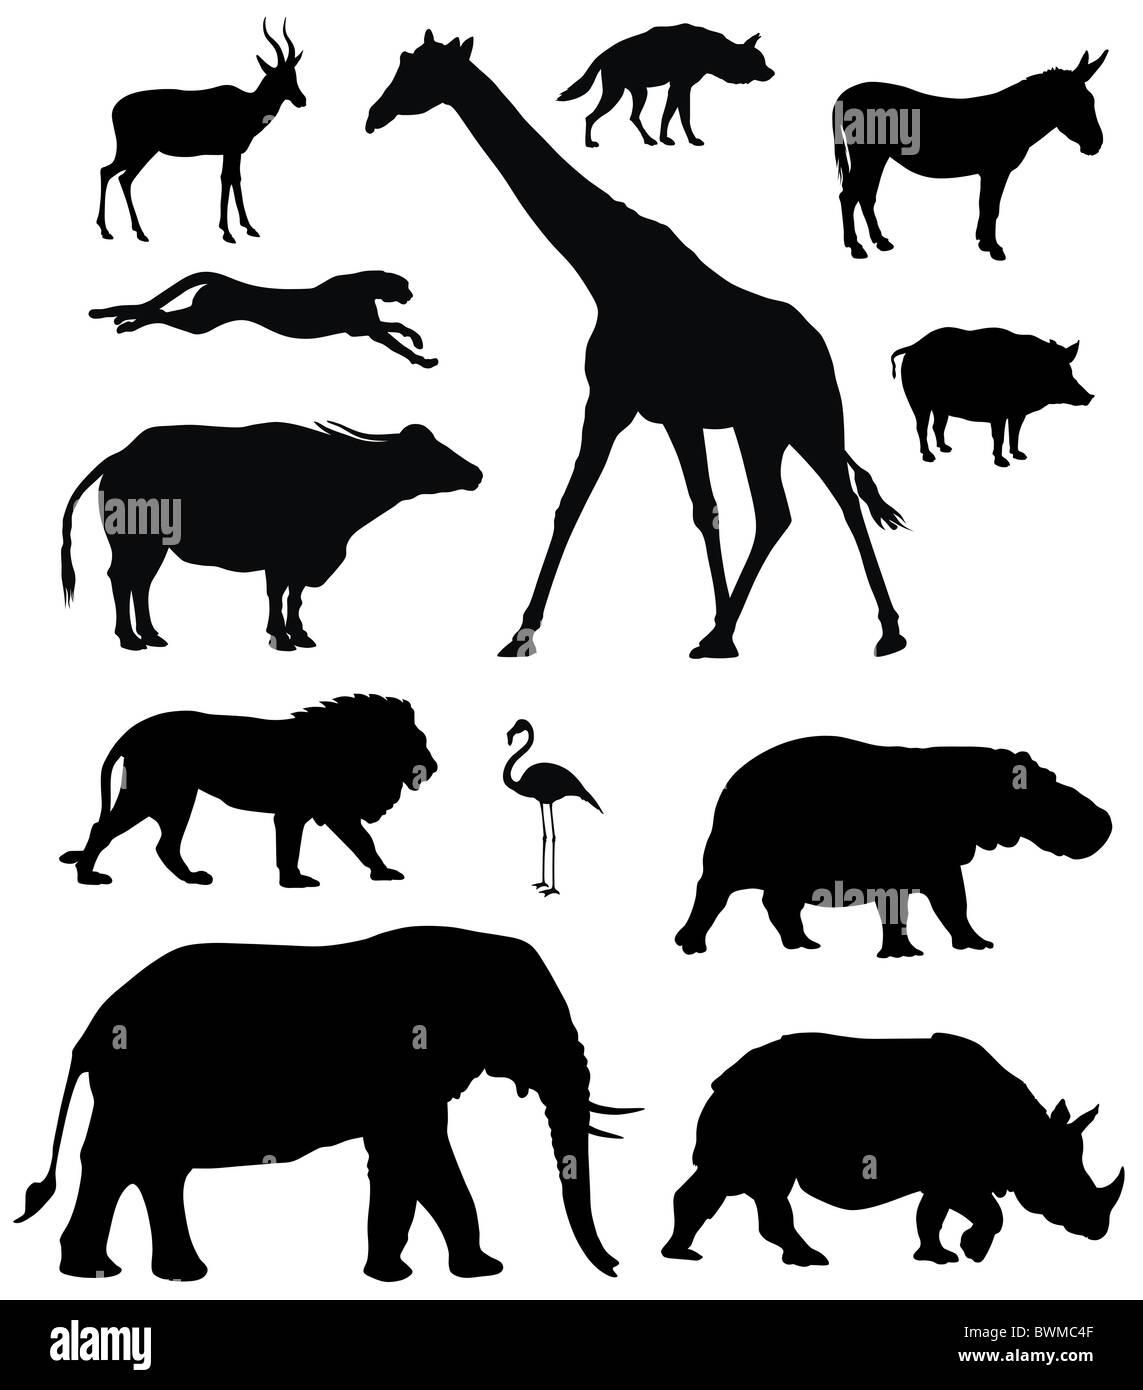 Ilustración de siluetas de animales africanos Imagen De Stock